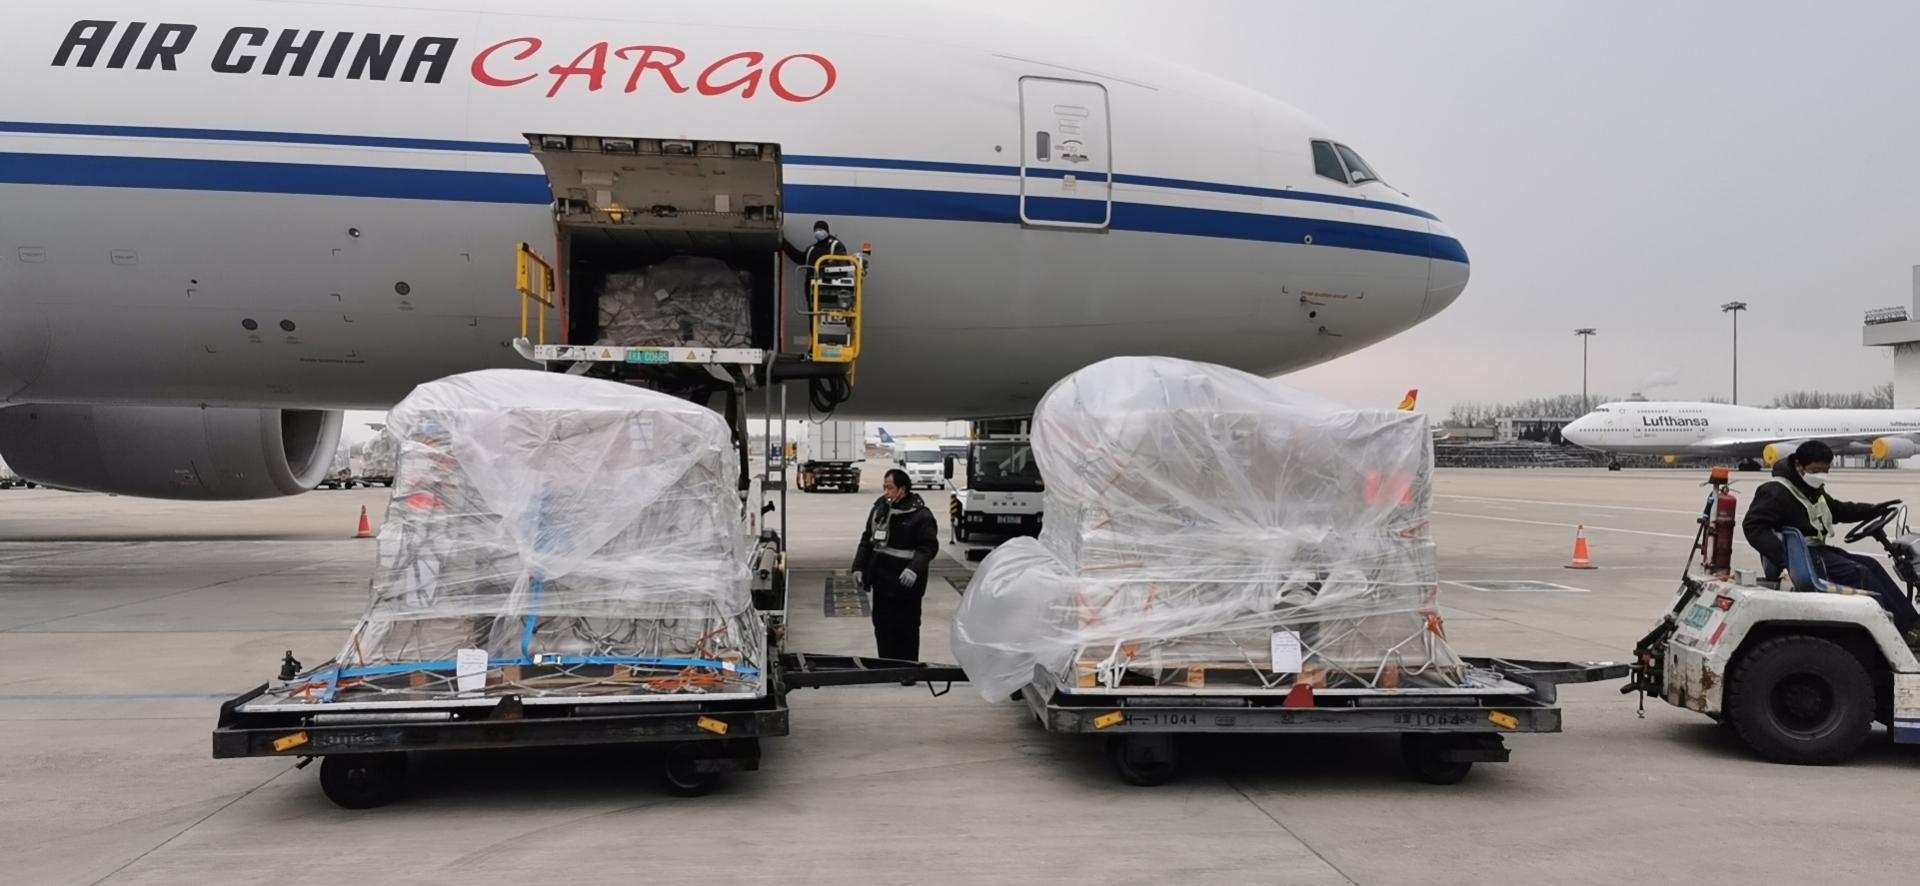 为生命护航 中航集团为ECMO设备运输搭建绿色通道